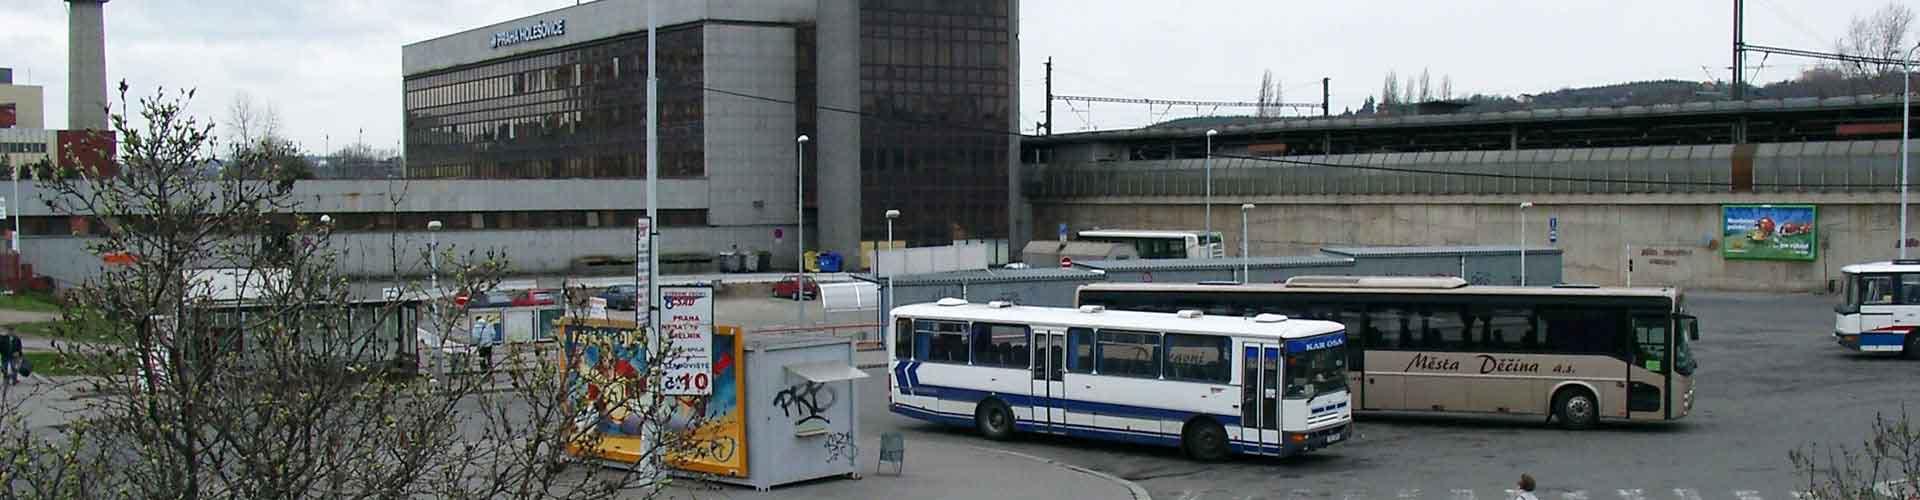 プラハ – プラハ·ホレショビヴィツェ駅の近くにあるホステル. 地図 プラハ, すべてのホステルの写真とレビュー プラハ.